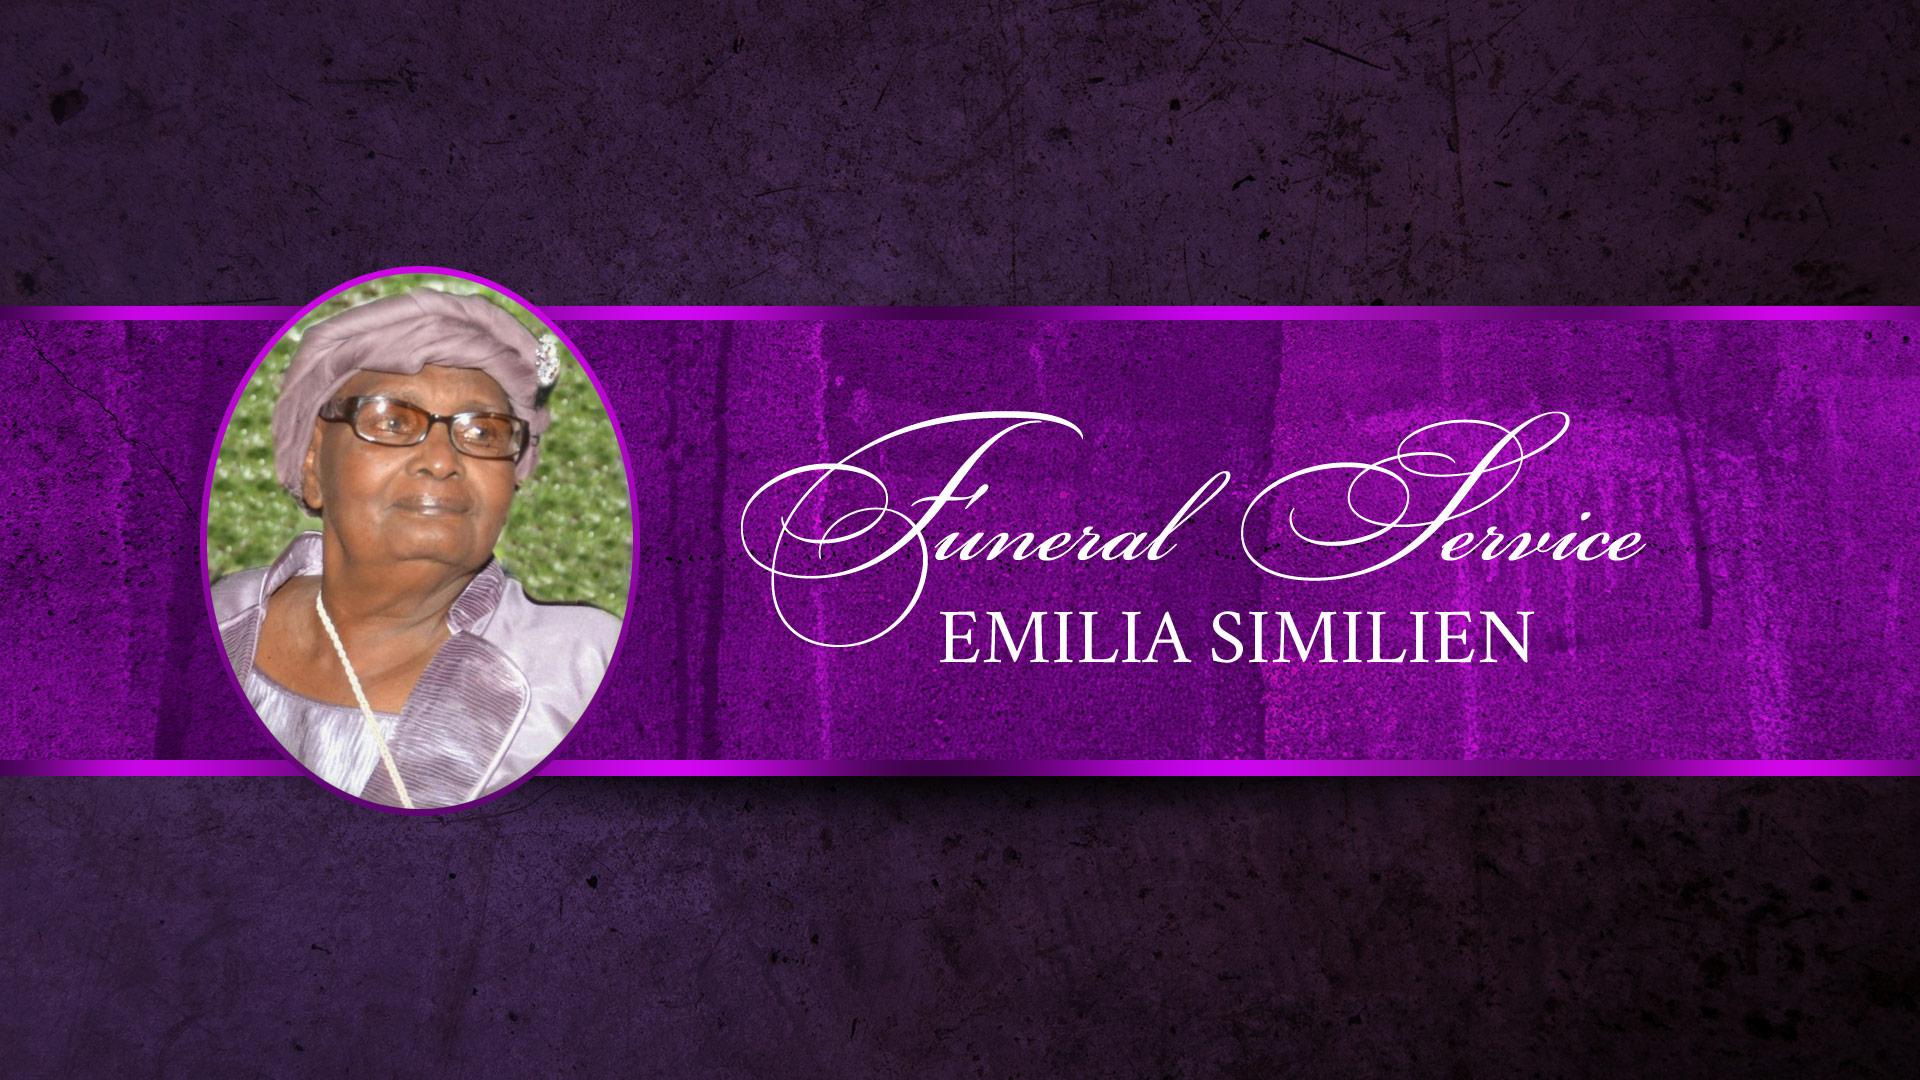 Funeral Service   Emilia Similien